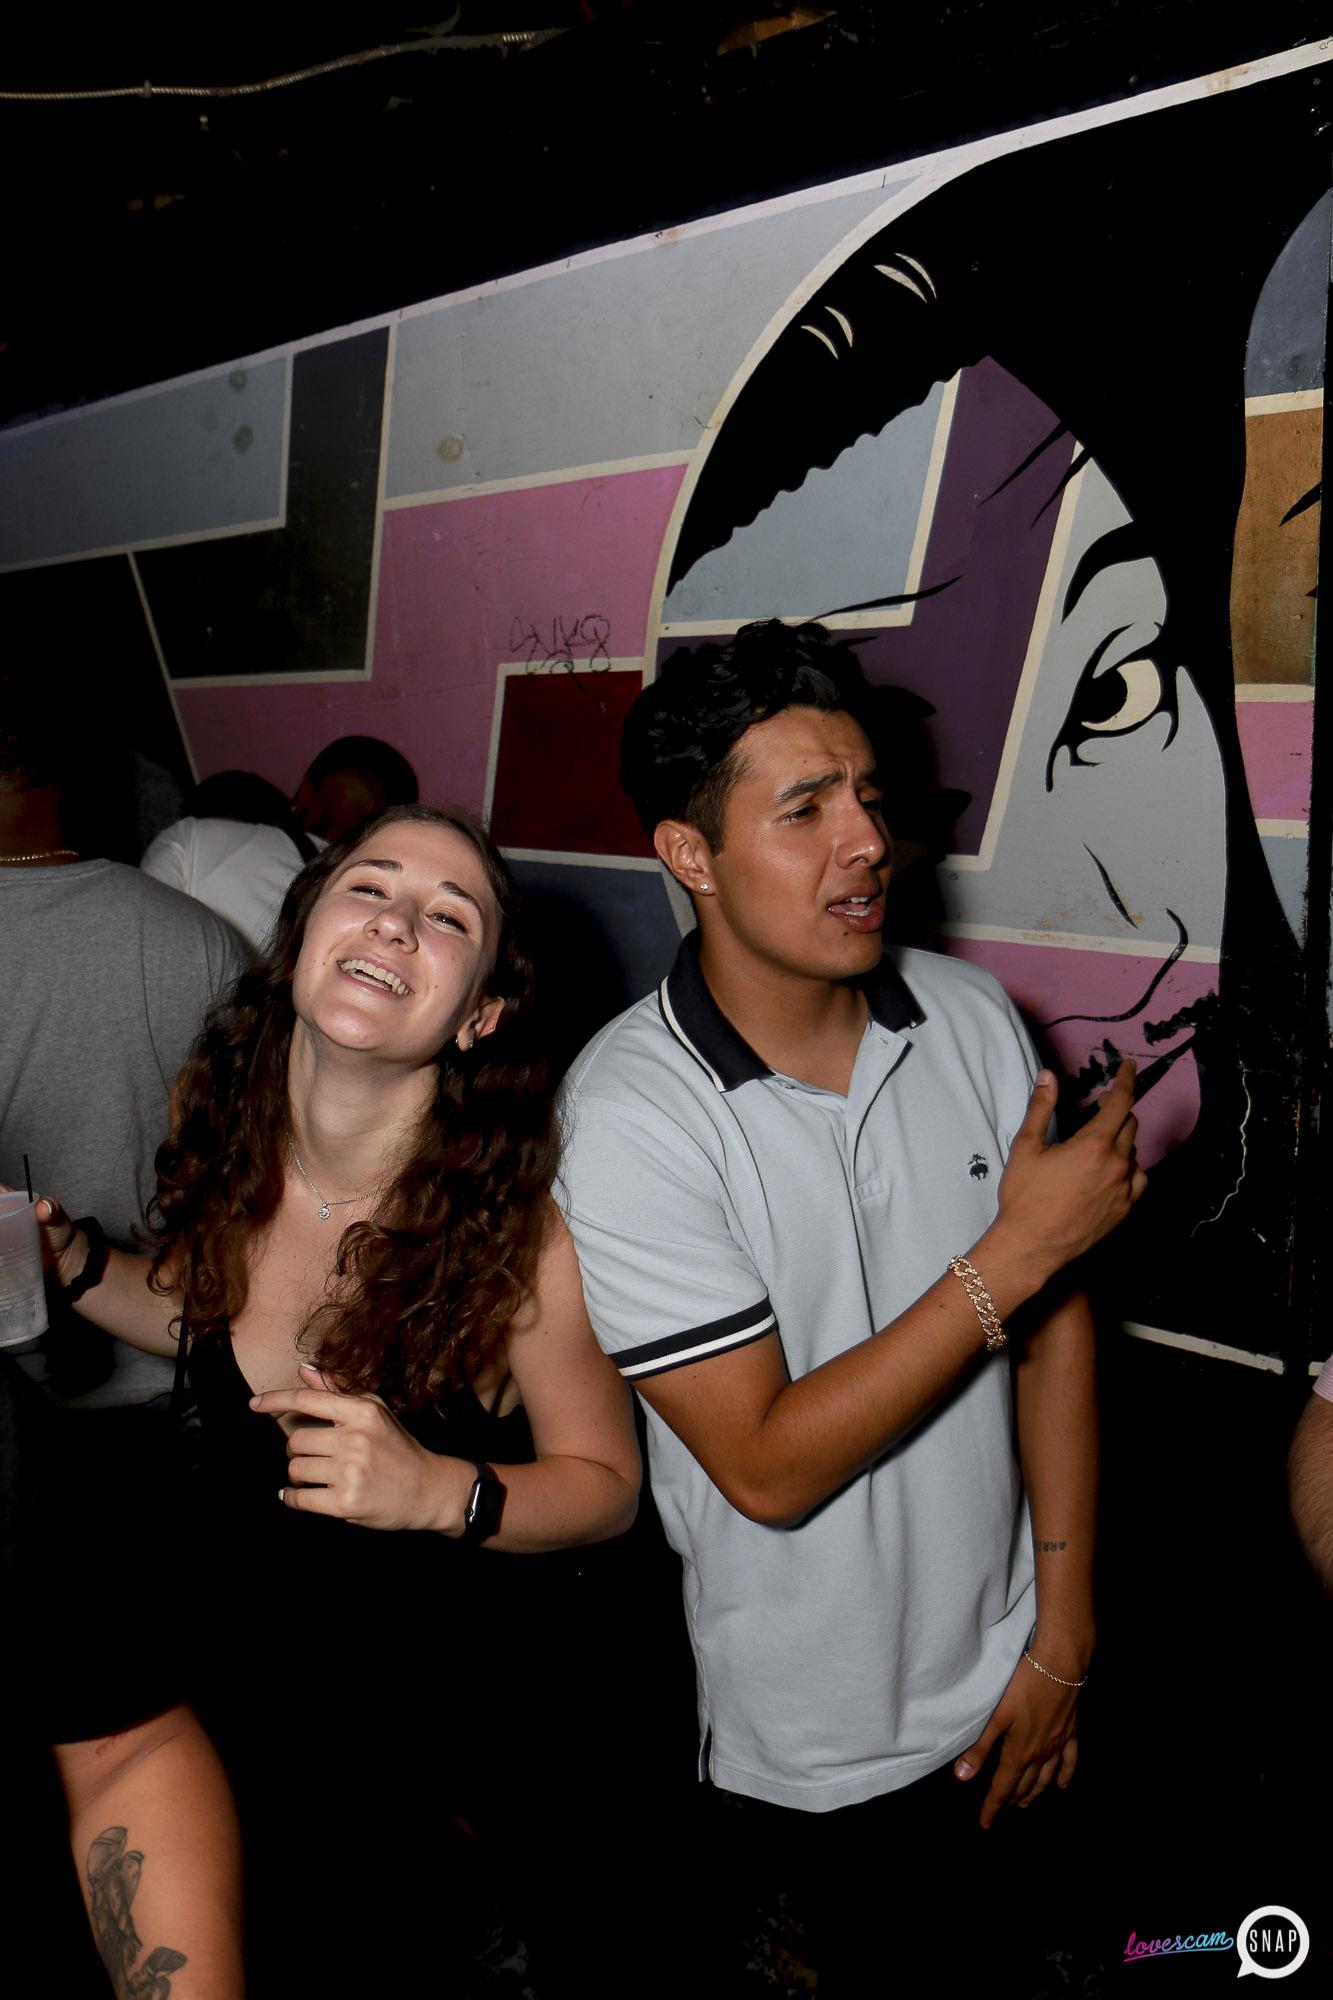 Lovescam-07.20.19-52.jpg